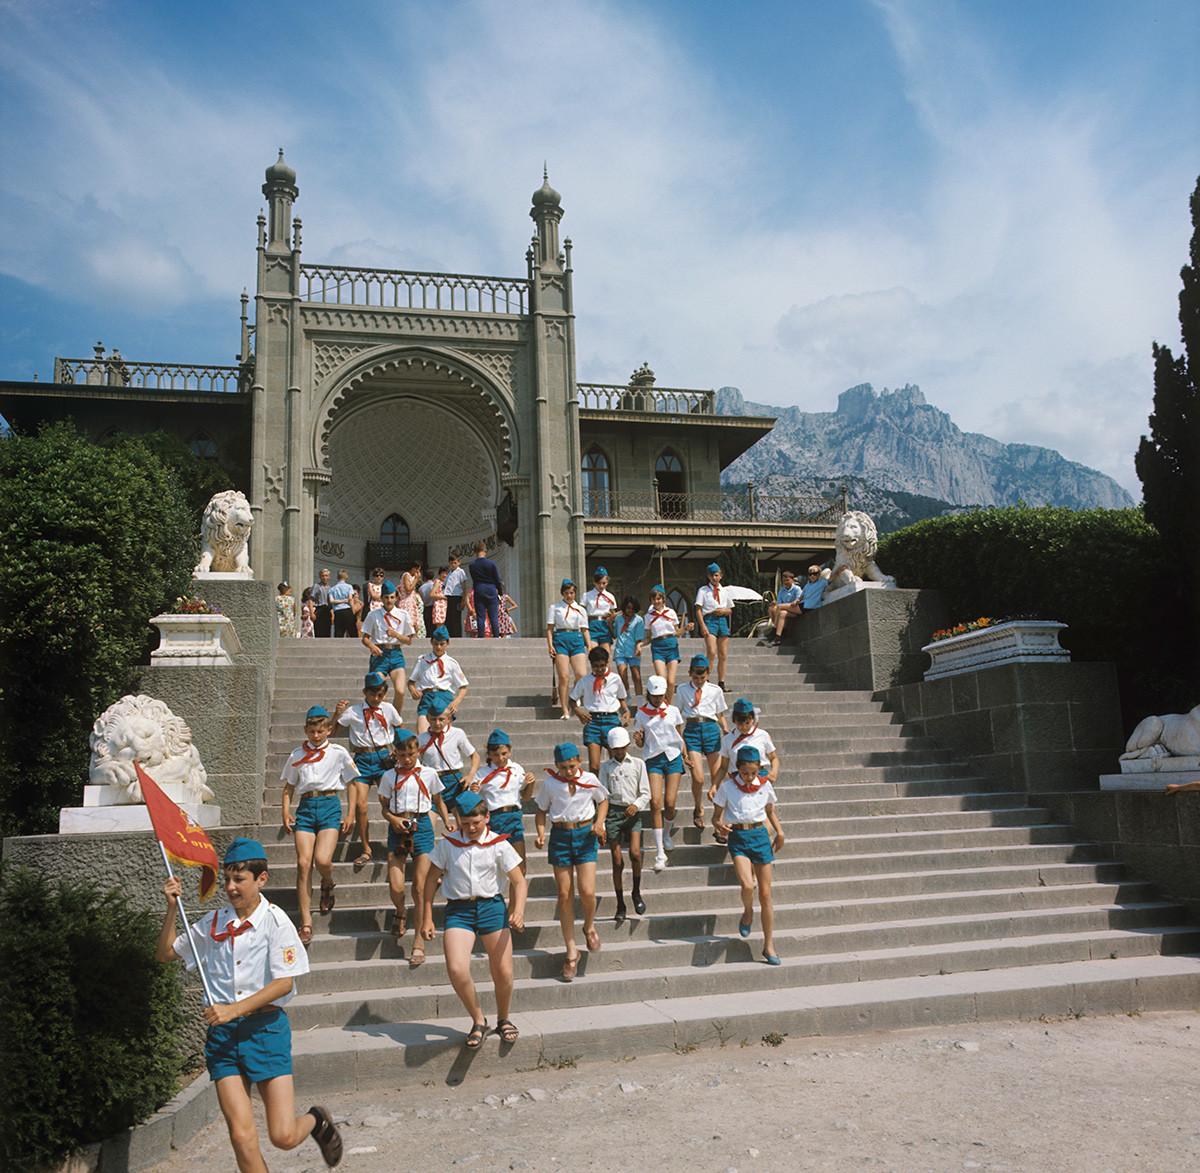 Pionniers du célèbre camp Artek lors d'une excursion au palais Vorontsov, Crimée, 1970